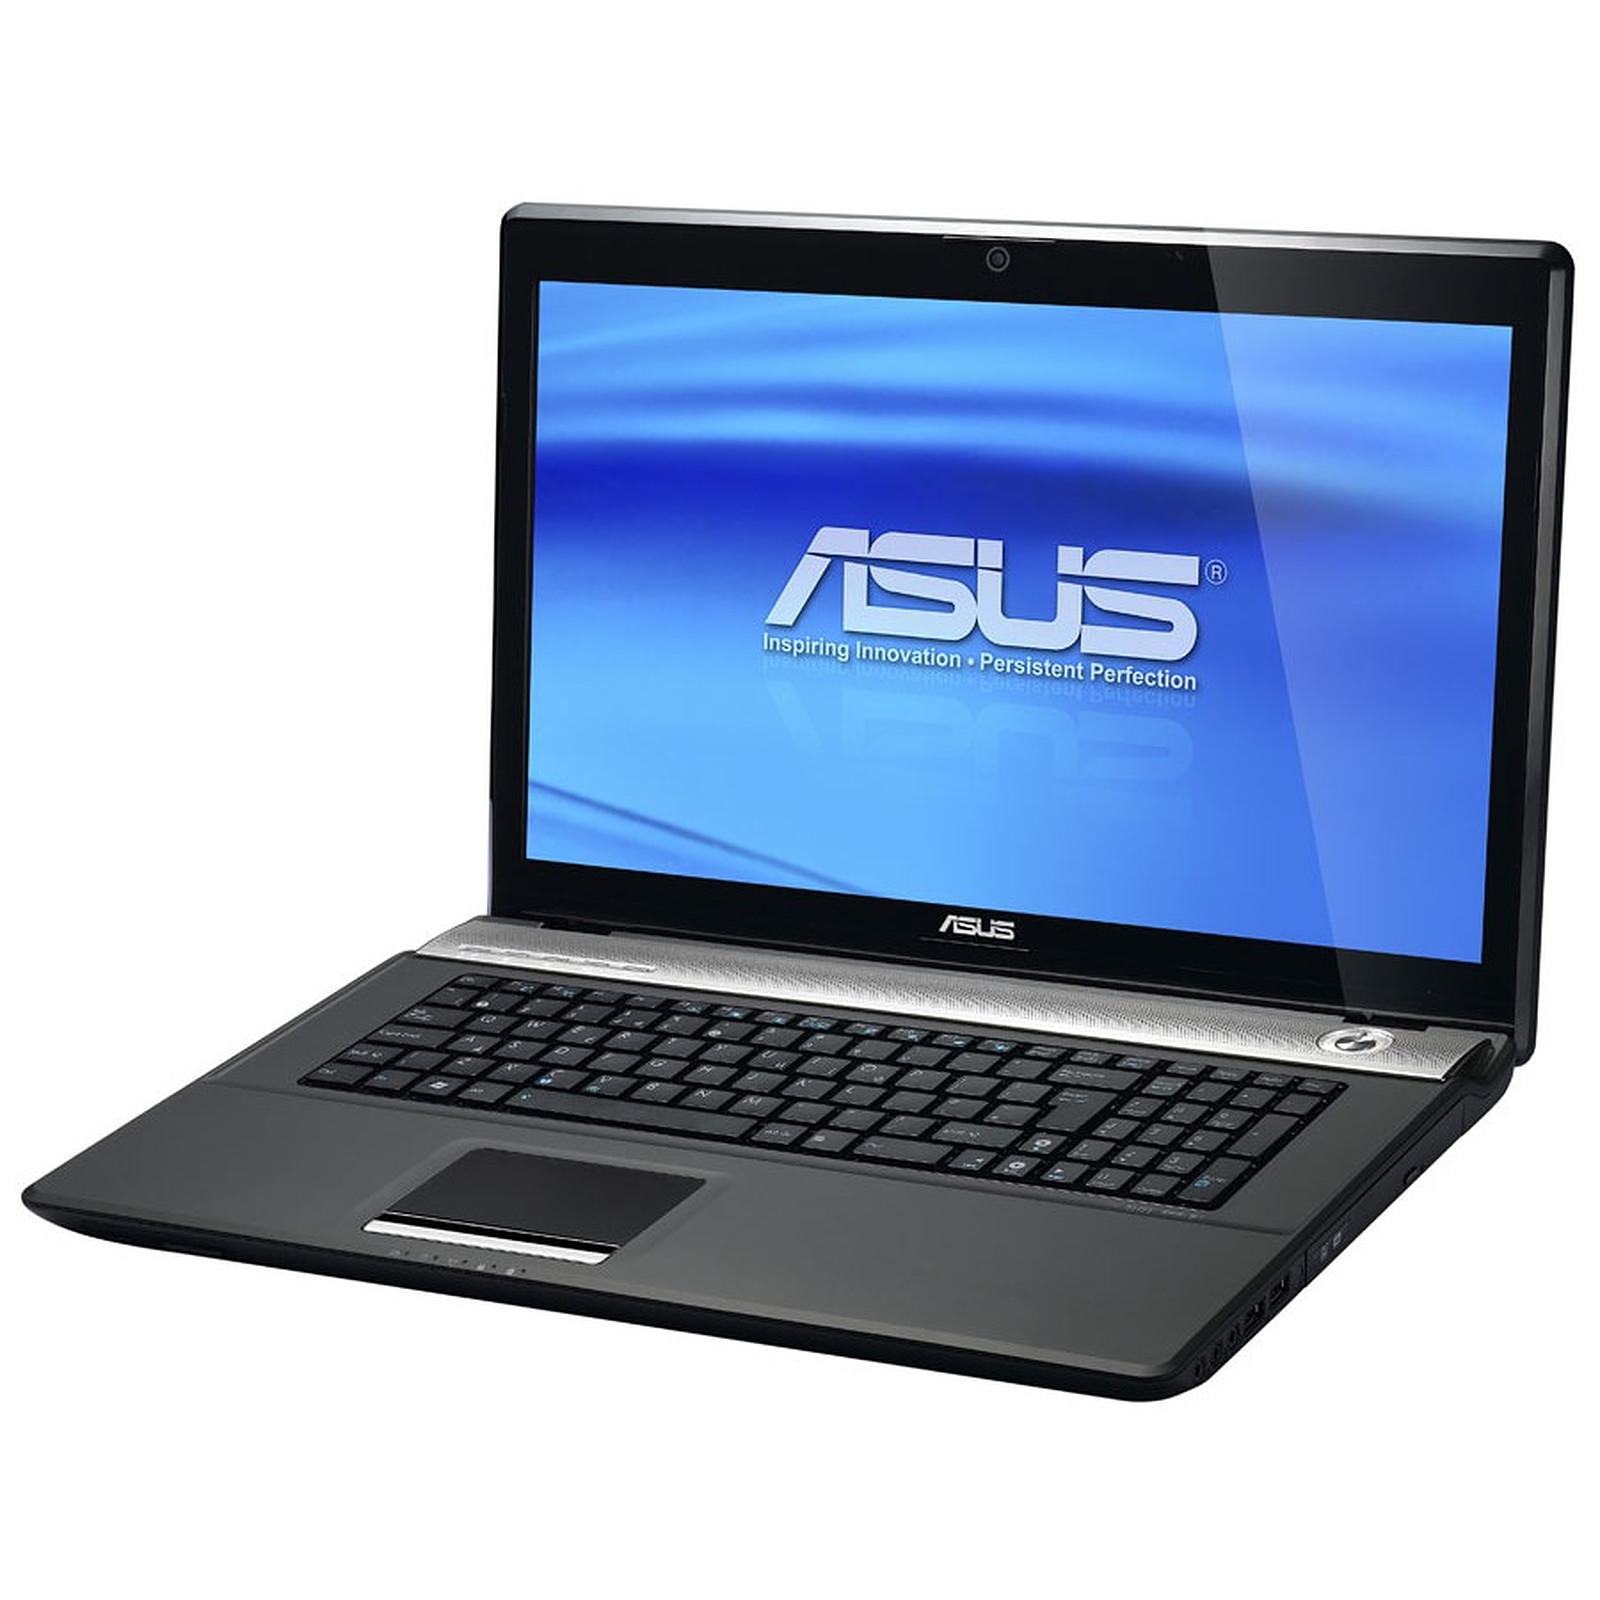 ASUS N71JV-TY079V